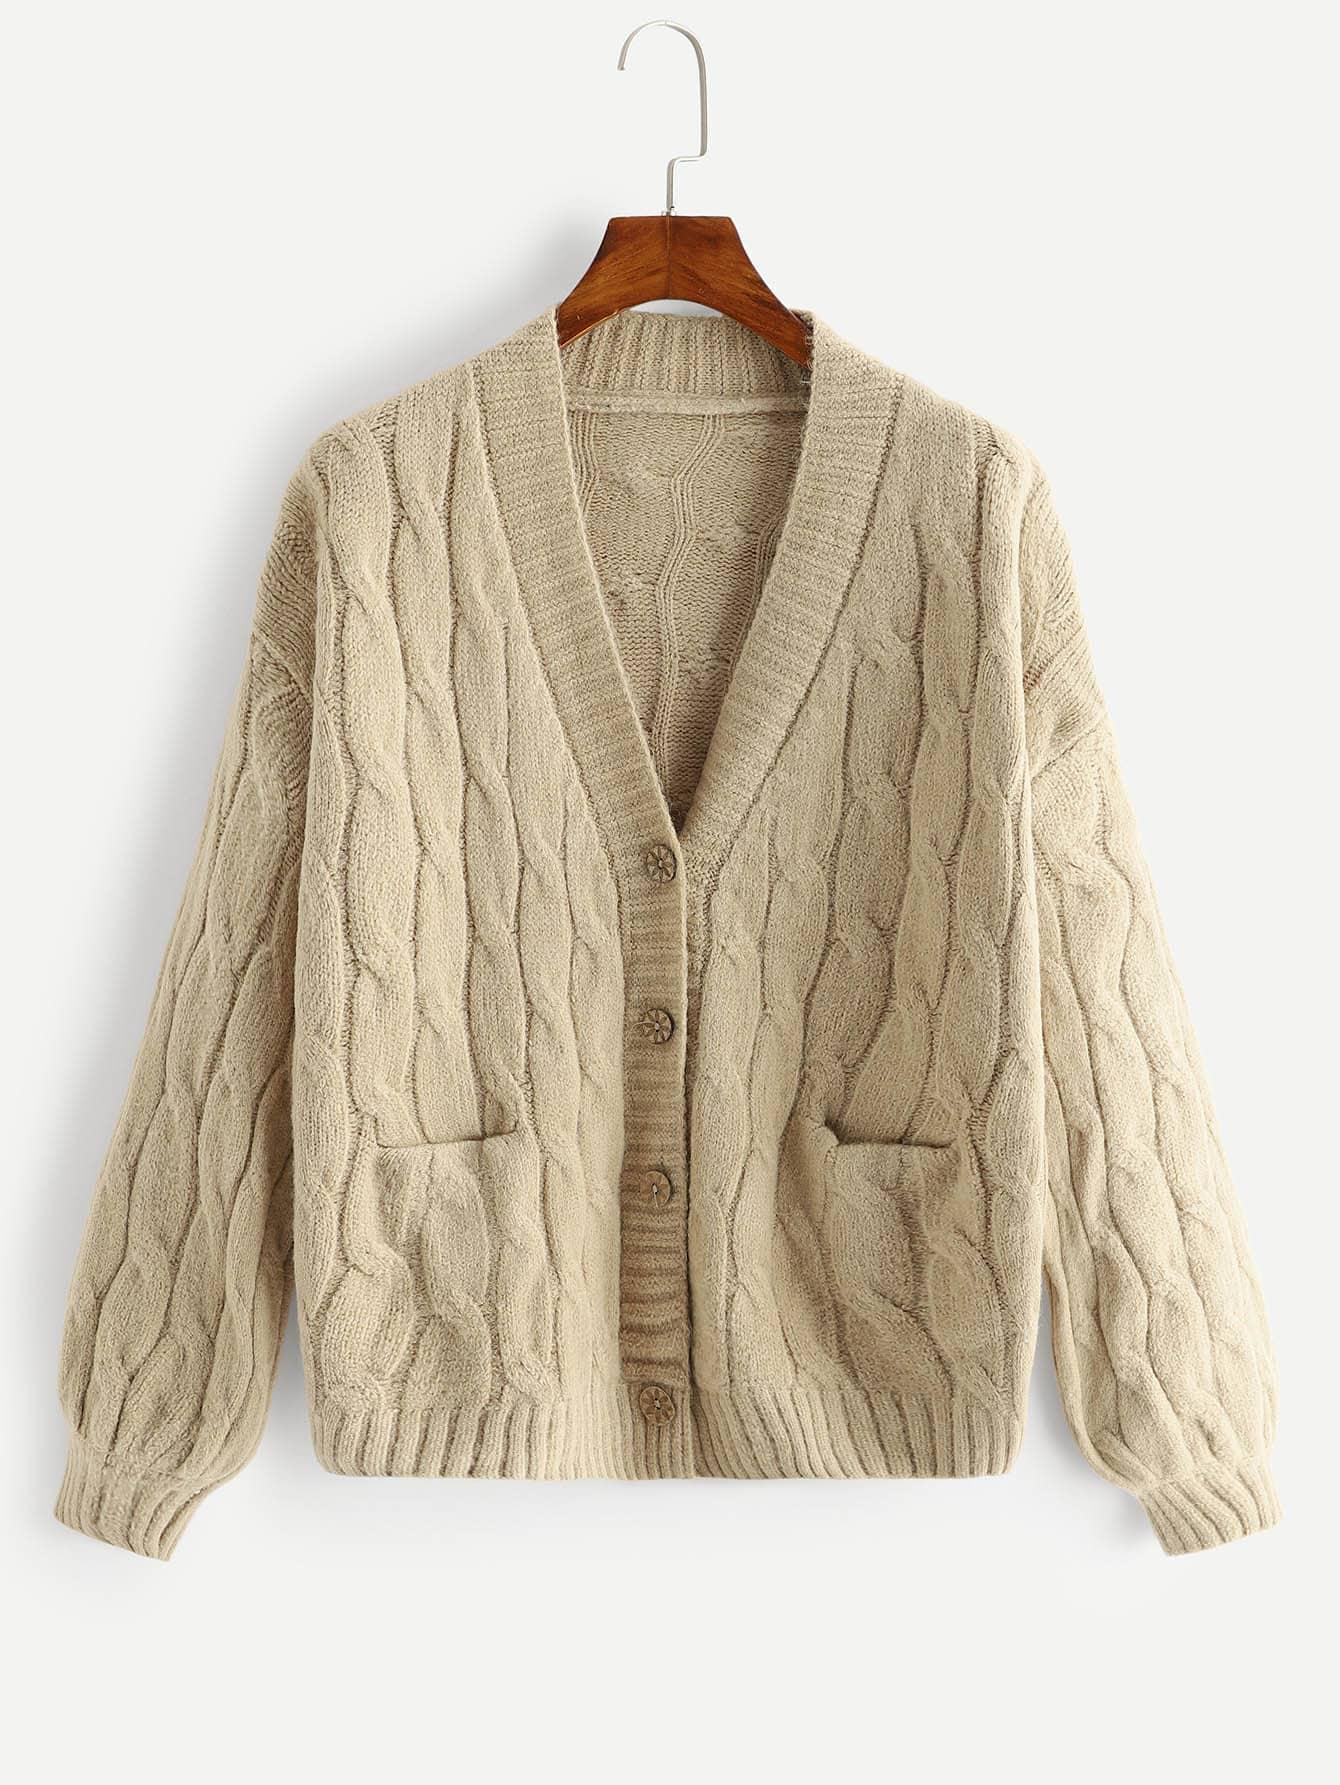 Купить Большое простое вязаное пальто-фуфайки, null, SheIn